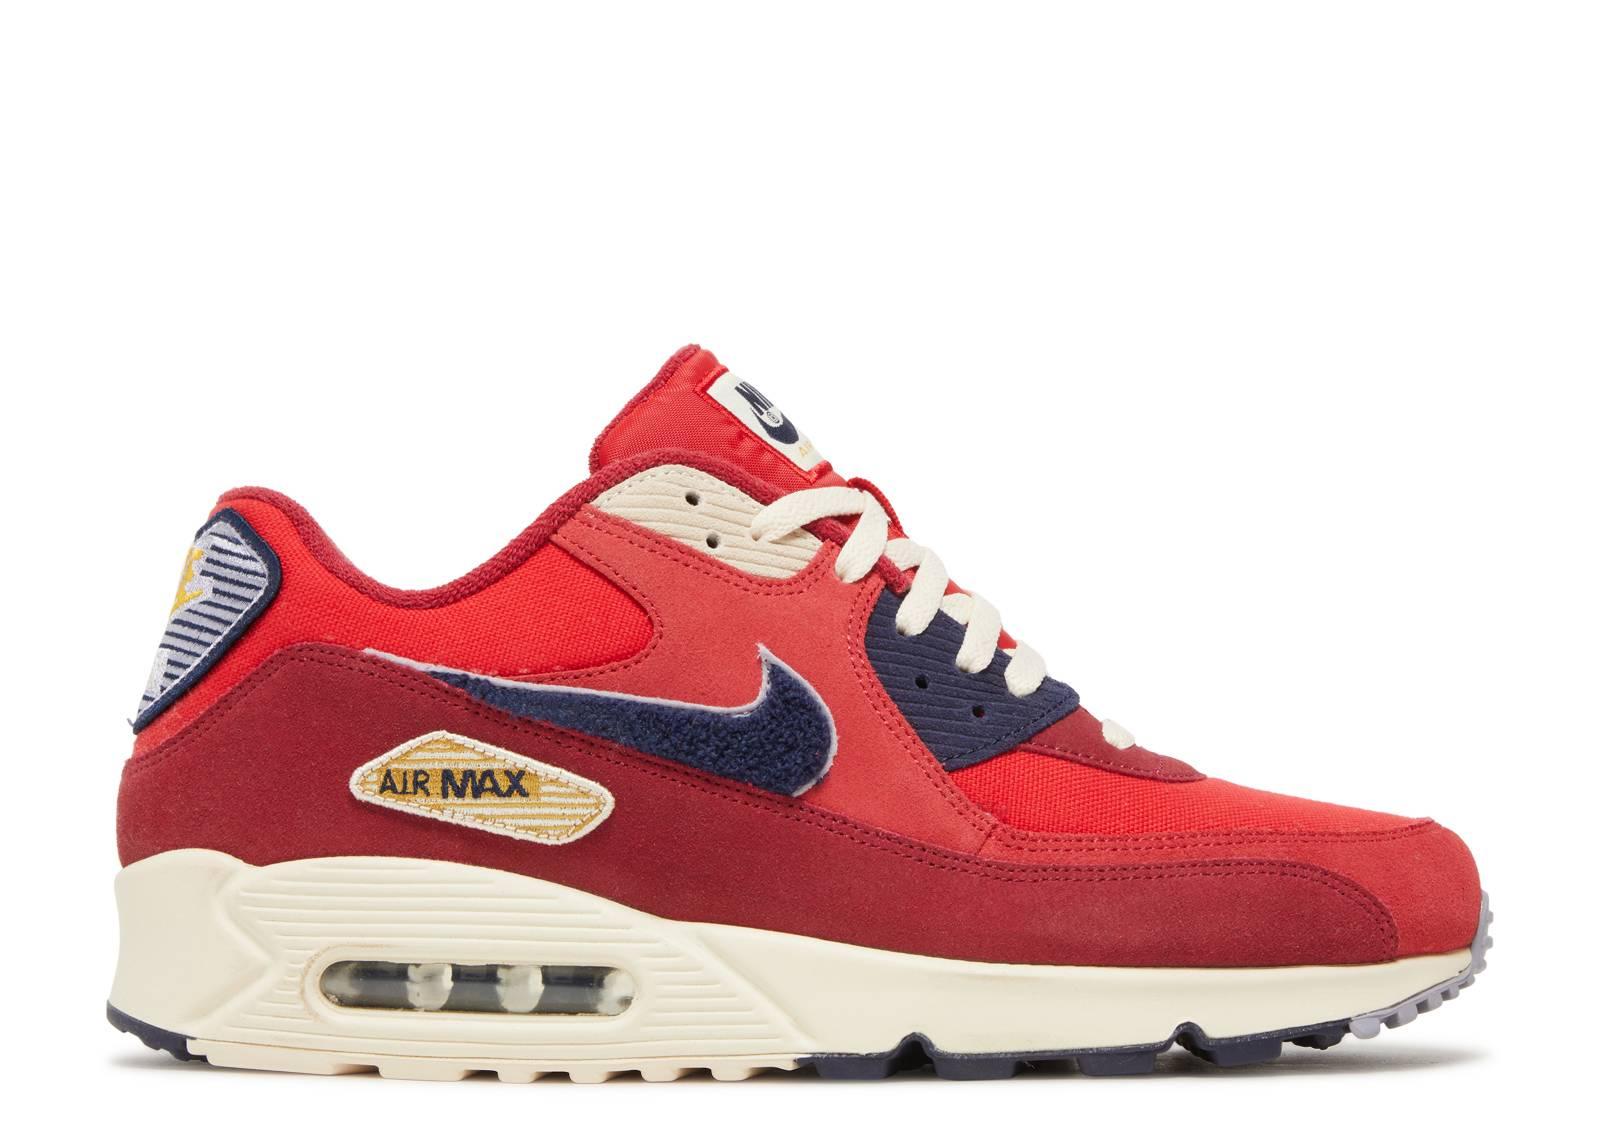 Nike Air Max 90 Premium Nike 858954 600 university red